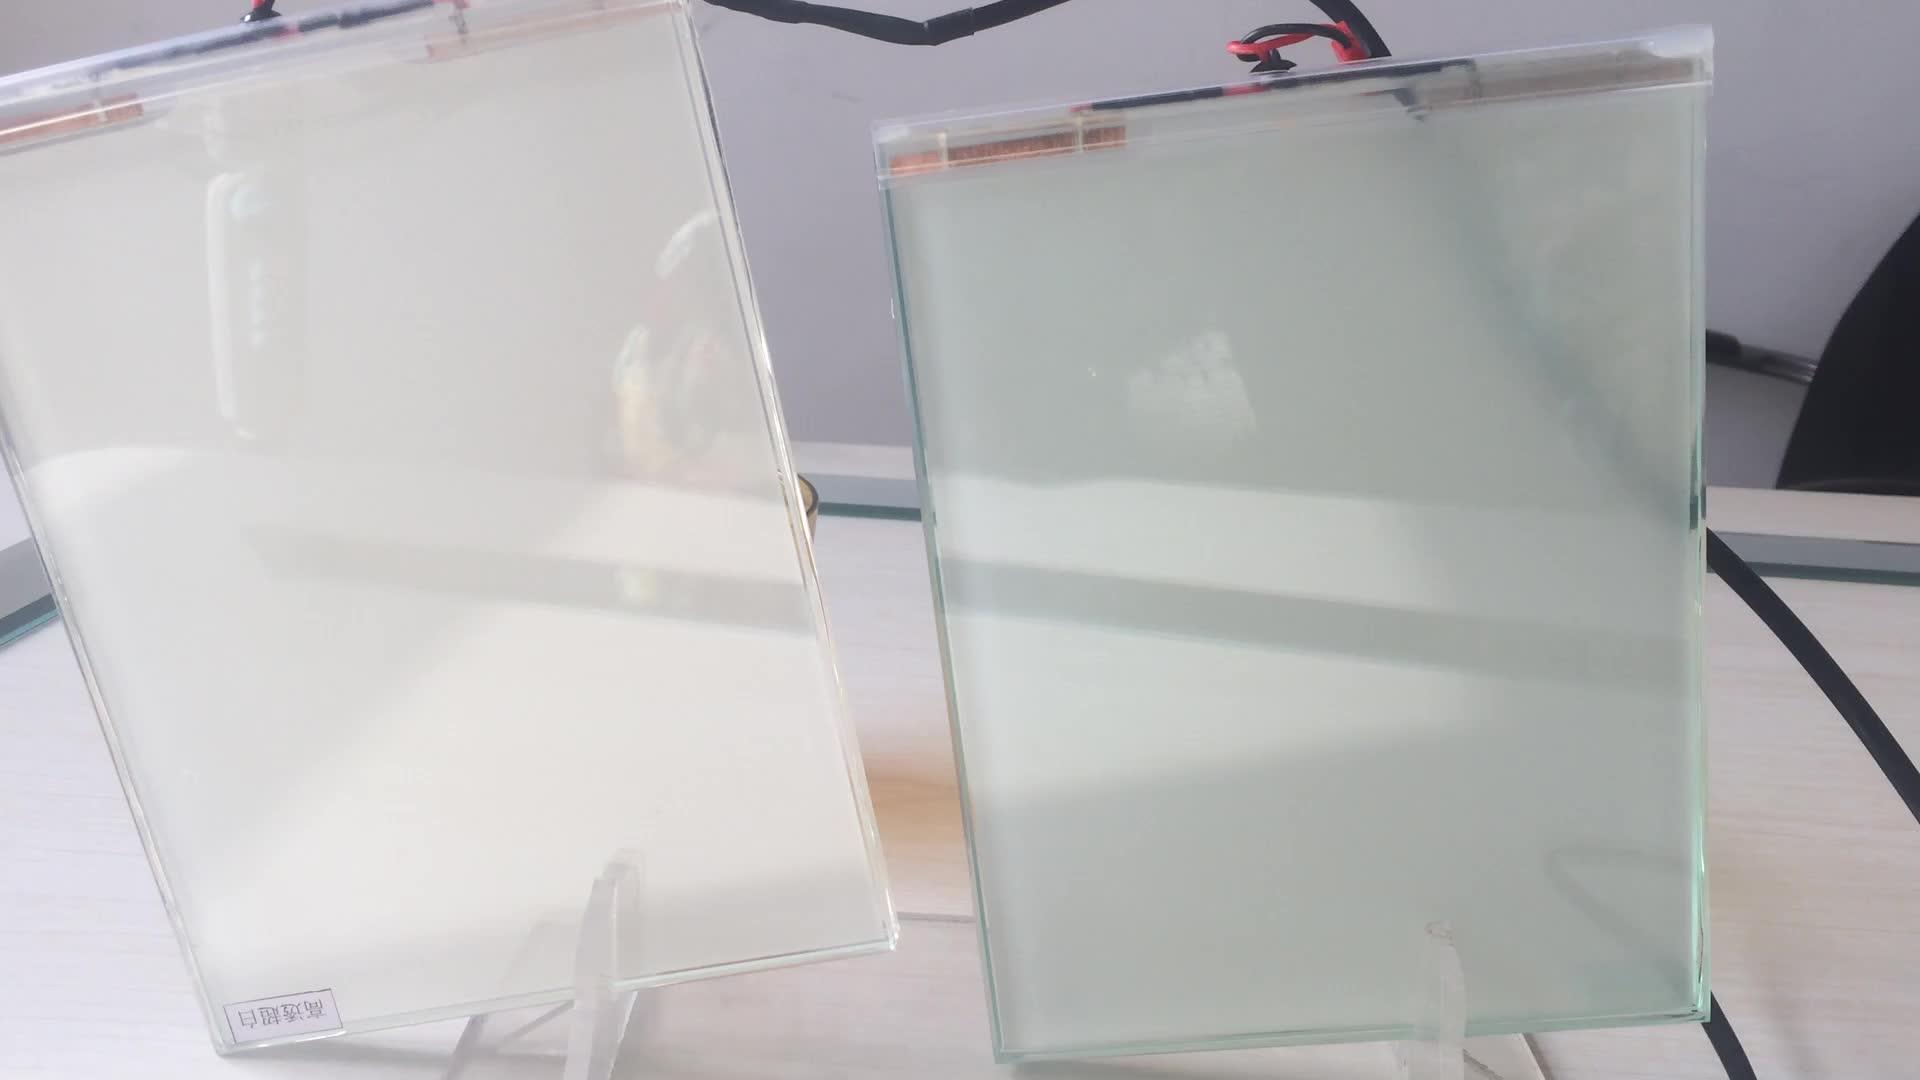 عالية الشفافية Innoglass أسود/رمادي داكن/رمادي فاتح 48 فولت ذاتية اللصق PDLC فيلم رائع وخفيف للباب ، نافذة ، بناء ، سيارة